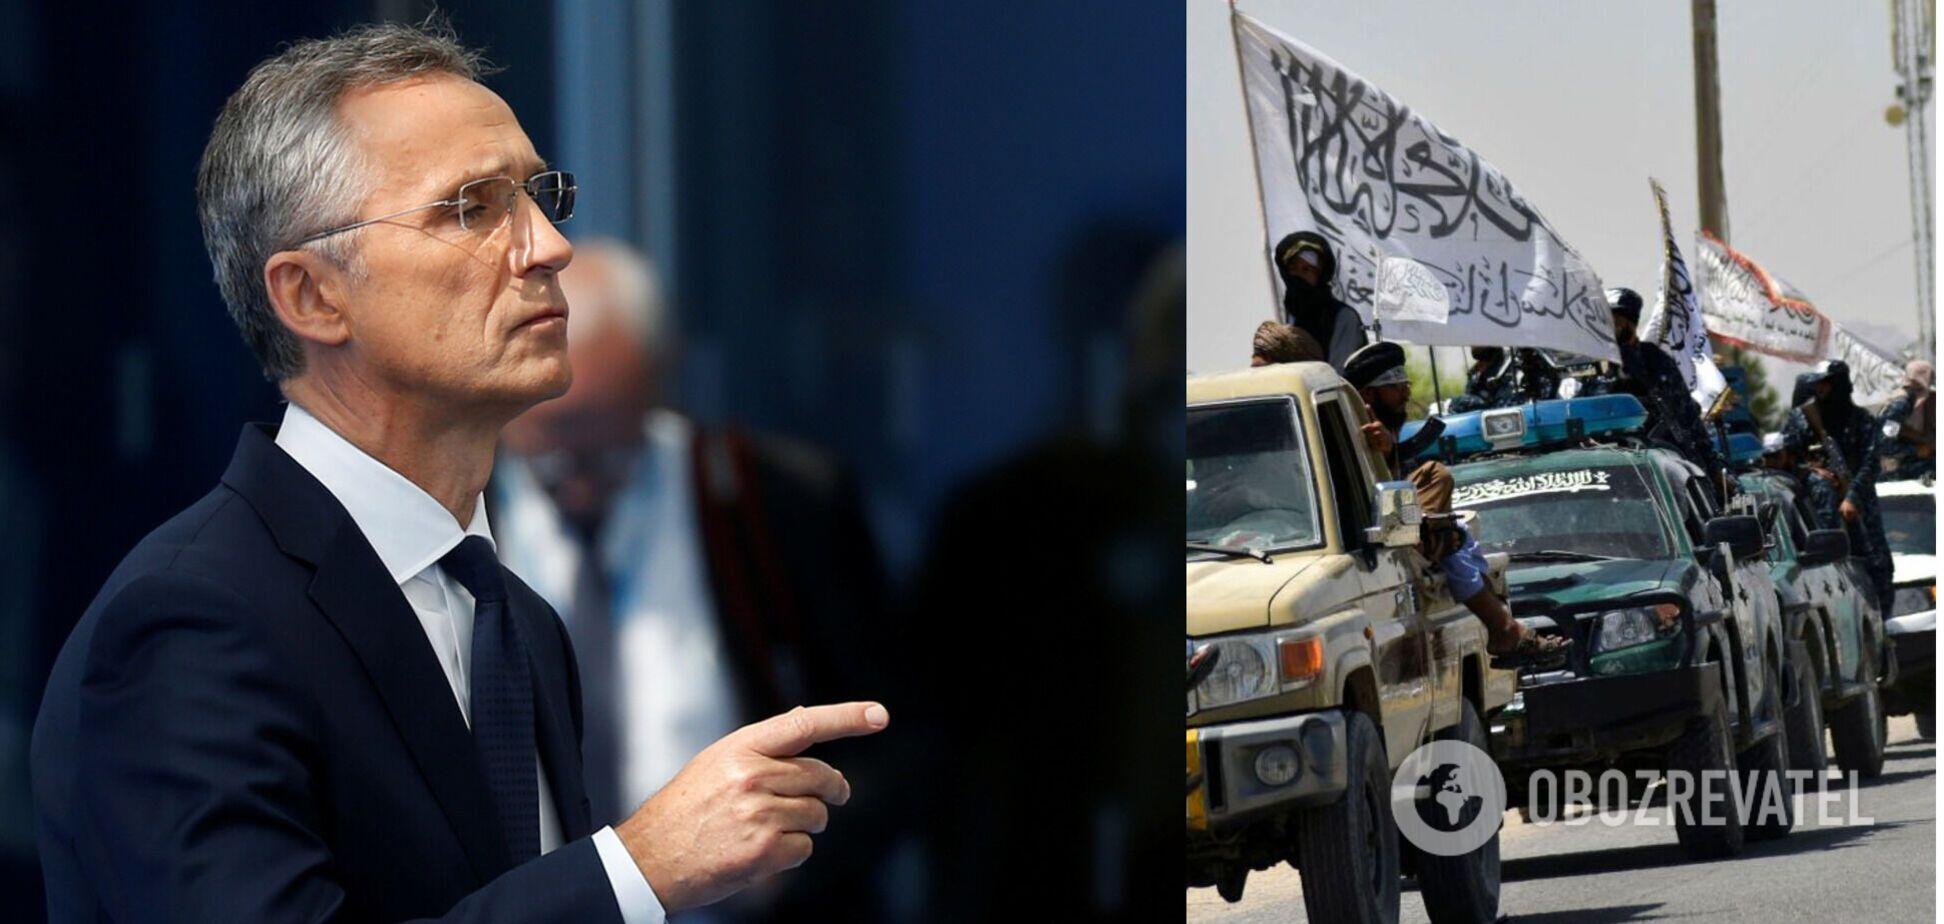 Столтенберг заявив, що НАТО не дозволить перетворити Афганістан на базу для терористів